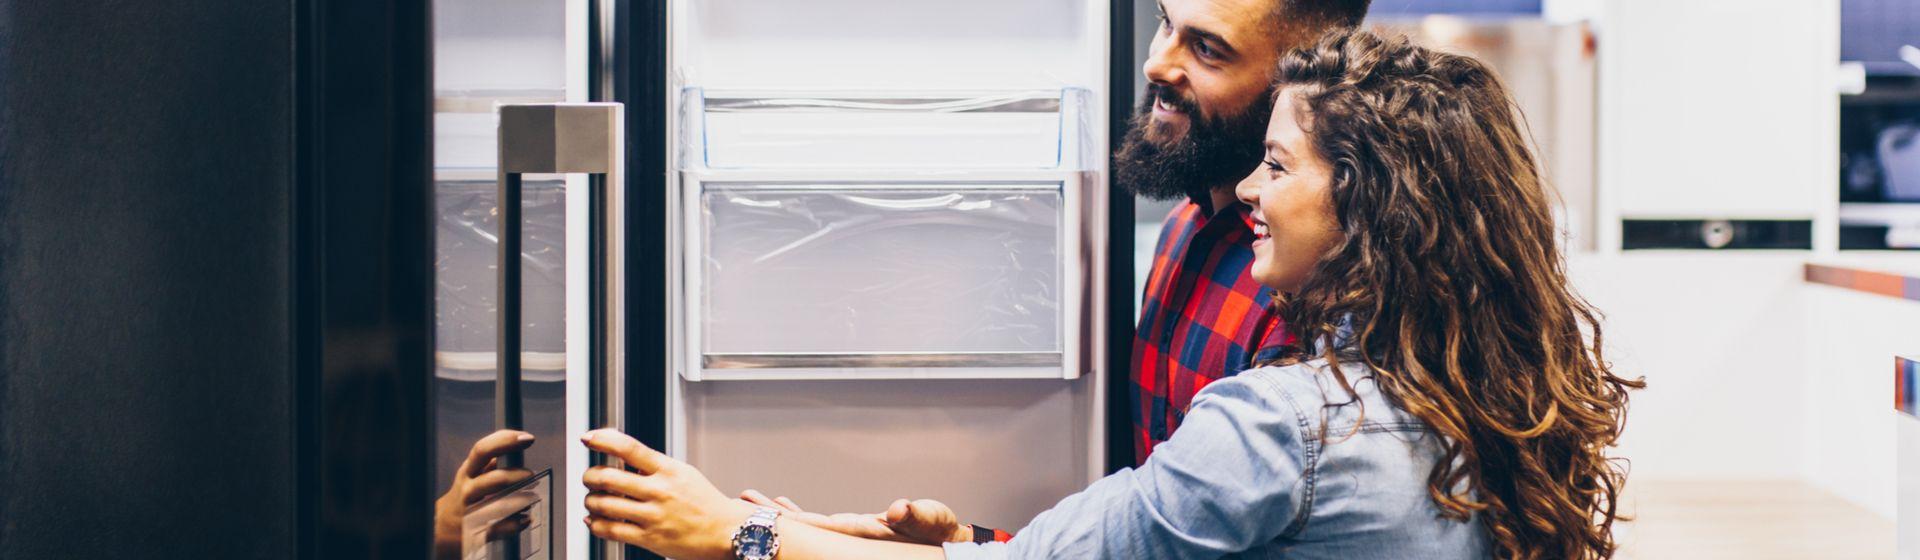 Tamanho de geladeira: qual a capacidade ideal para a sua casa?